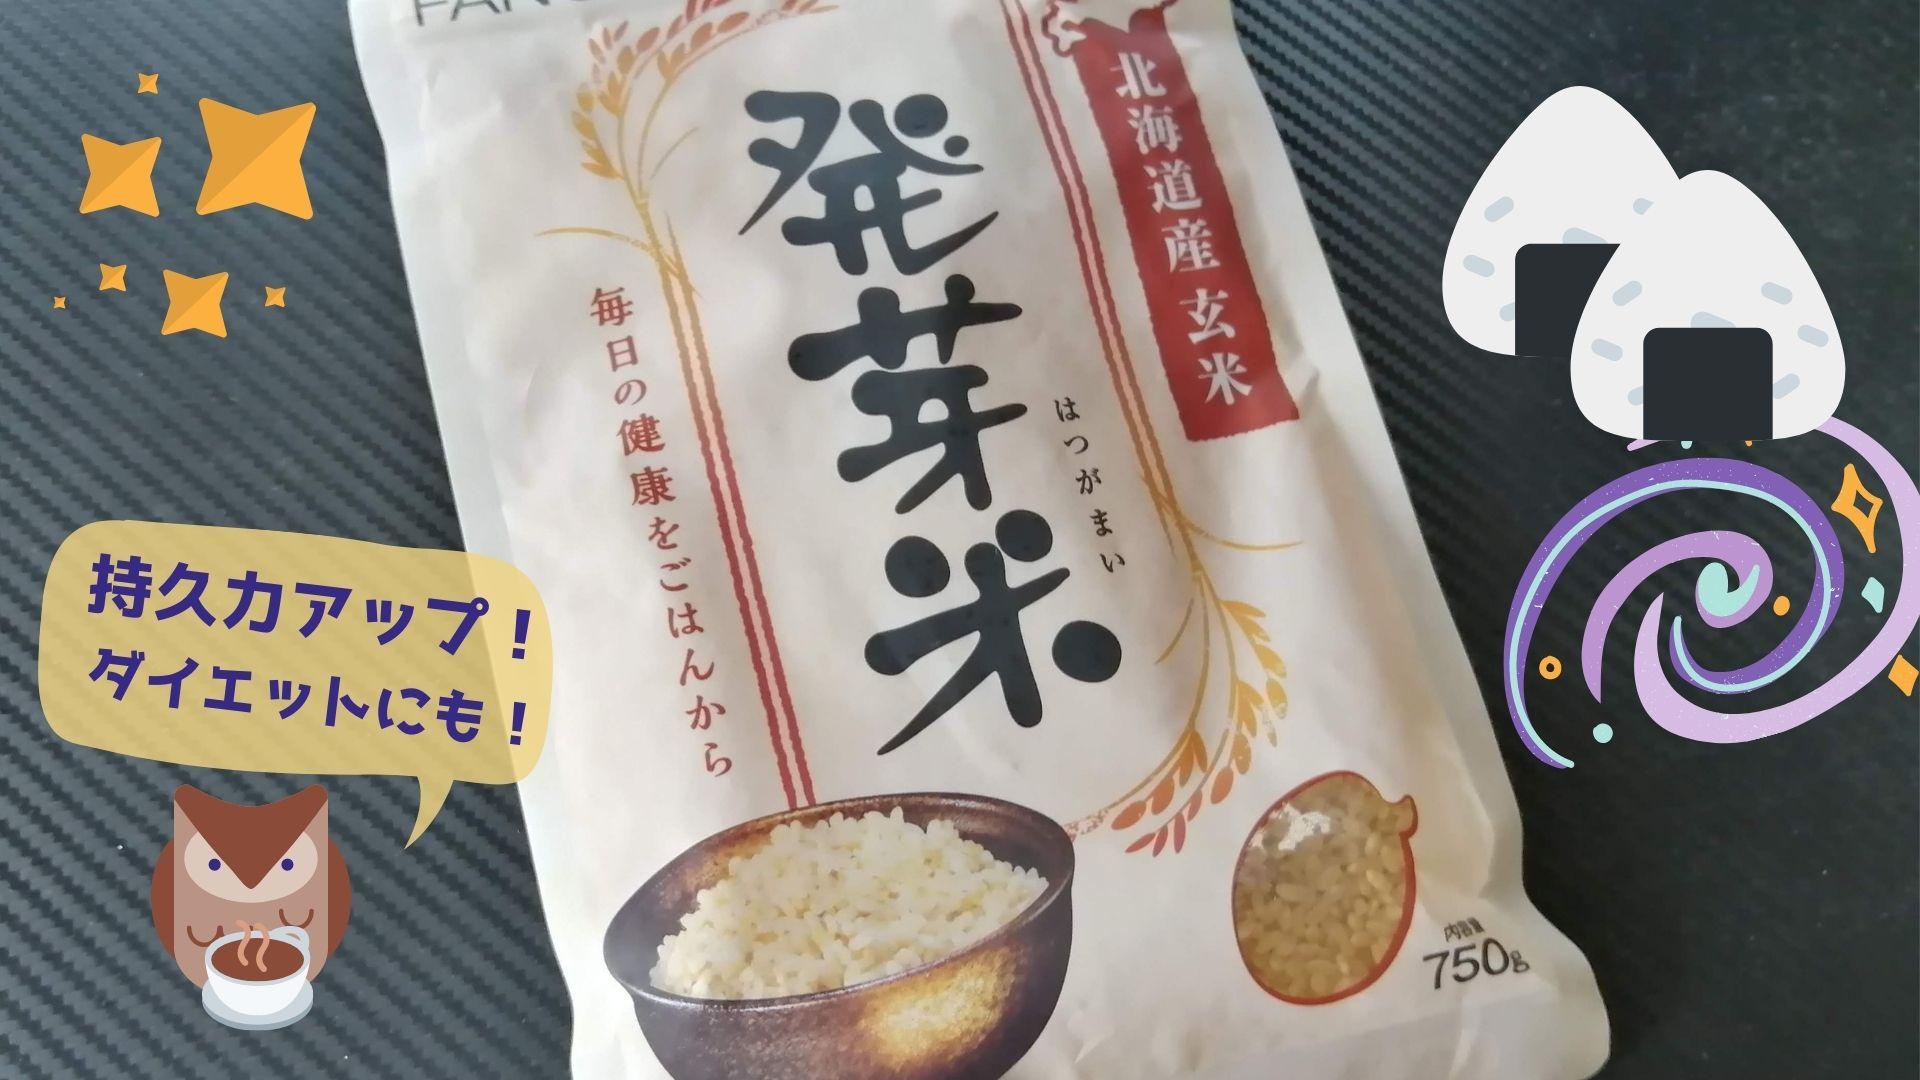 発芽玄米たべて持久力アップ!【メモ】